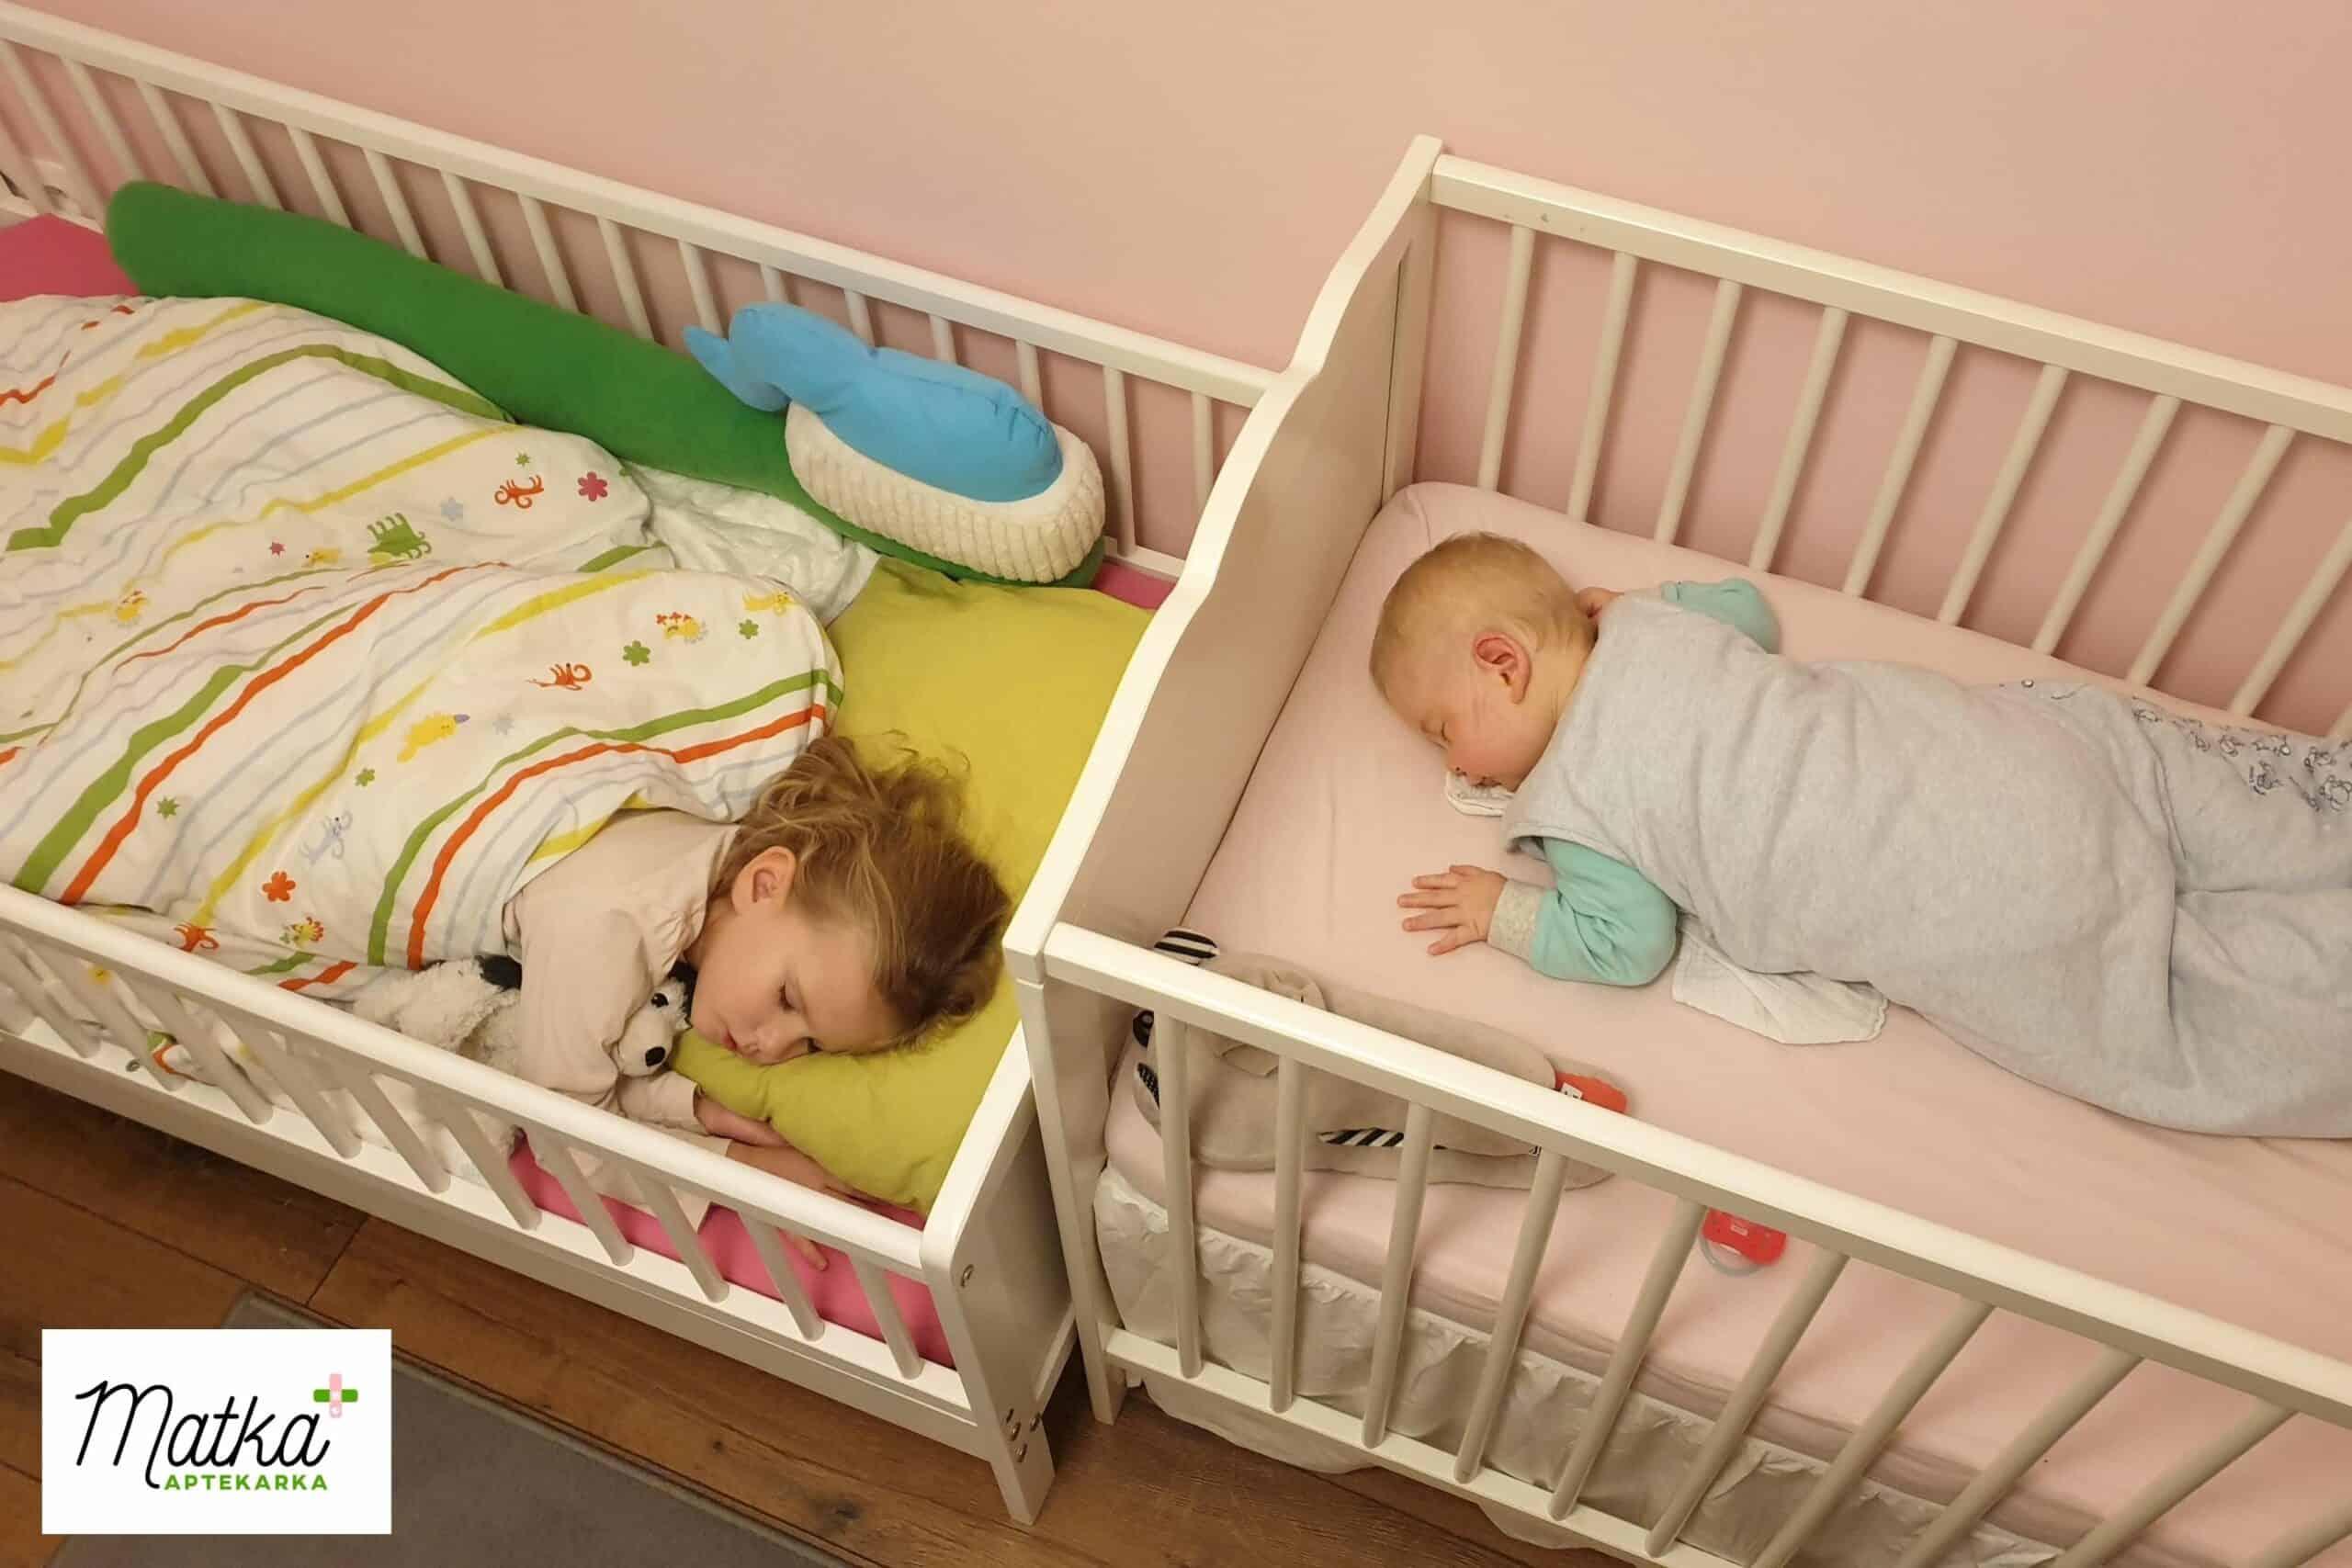 zdrowy sen, bezpieczne łóżeczko niemowlaka, bezpieczne łóżeczko dziecka Matka Aptekarka